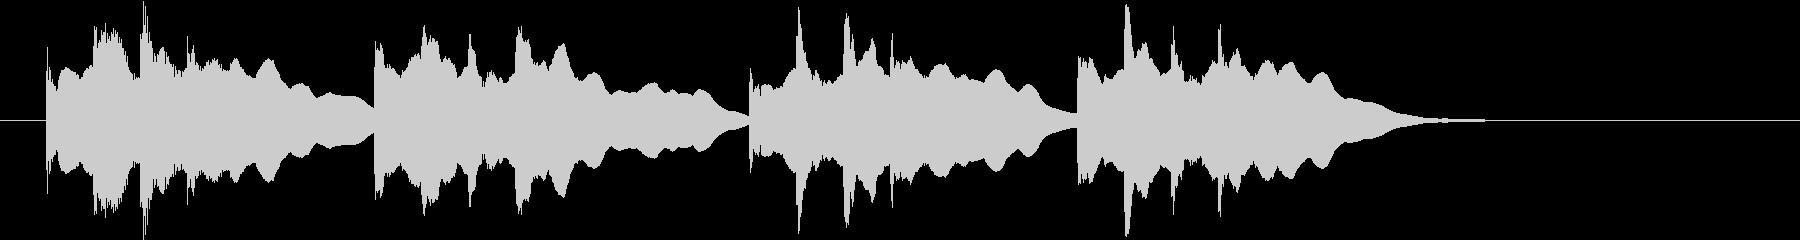 ロマンスカーの警笛の未再生の波形